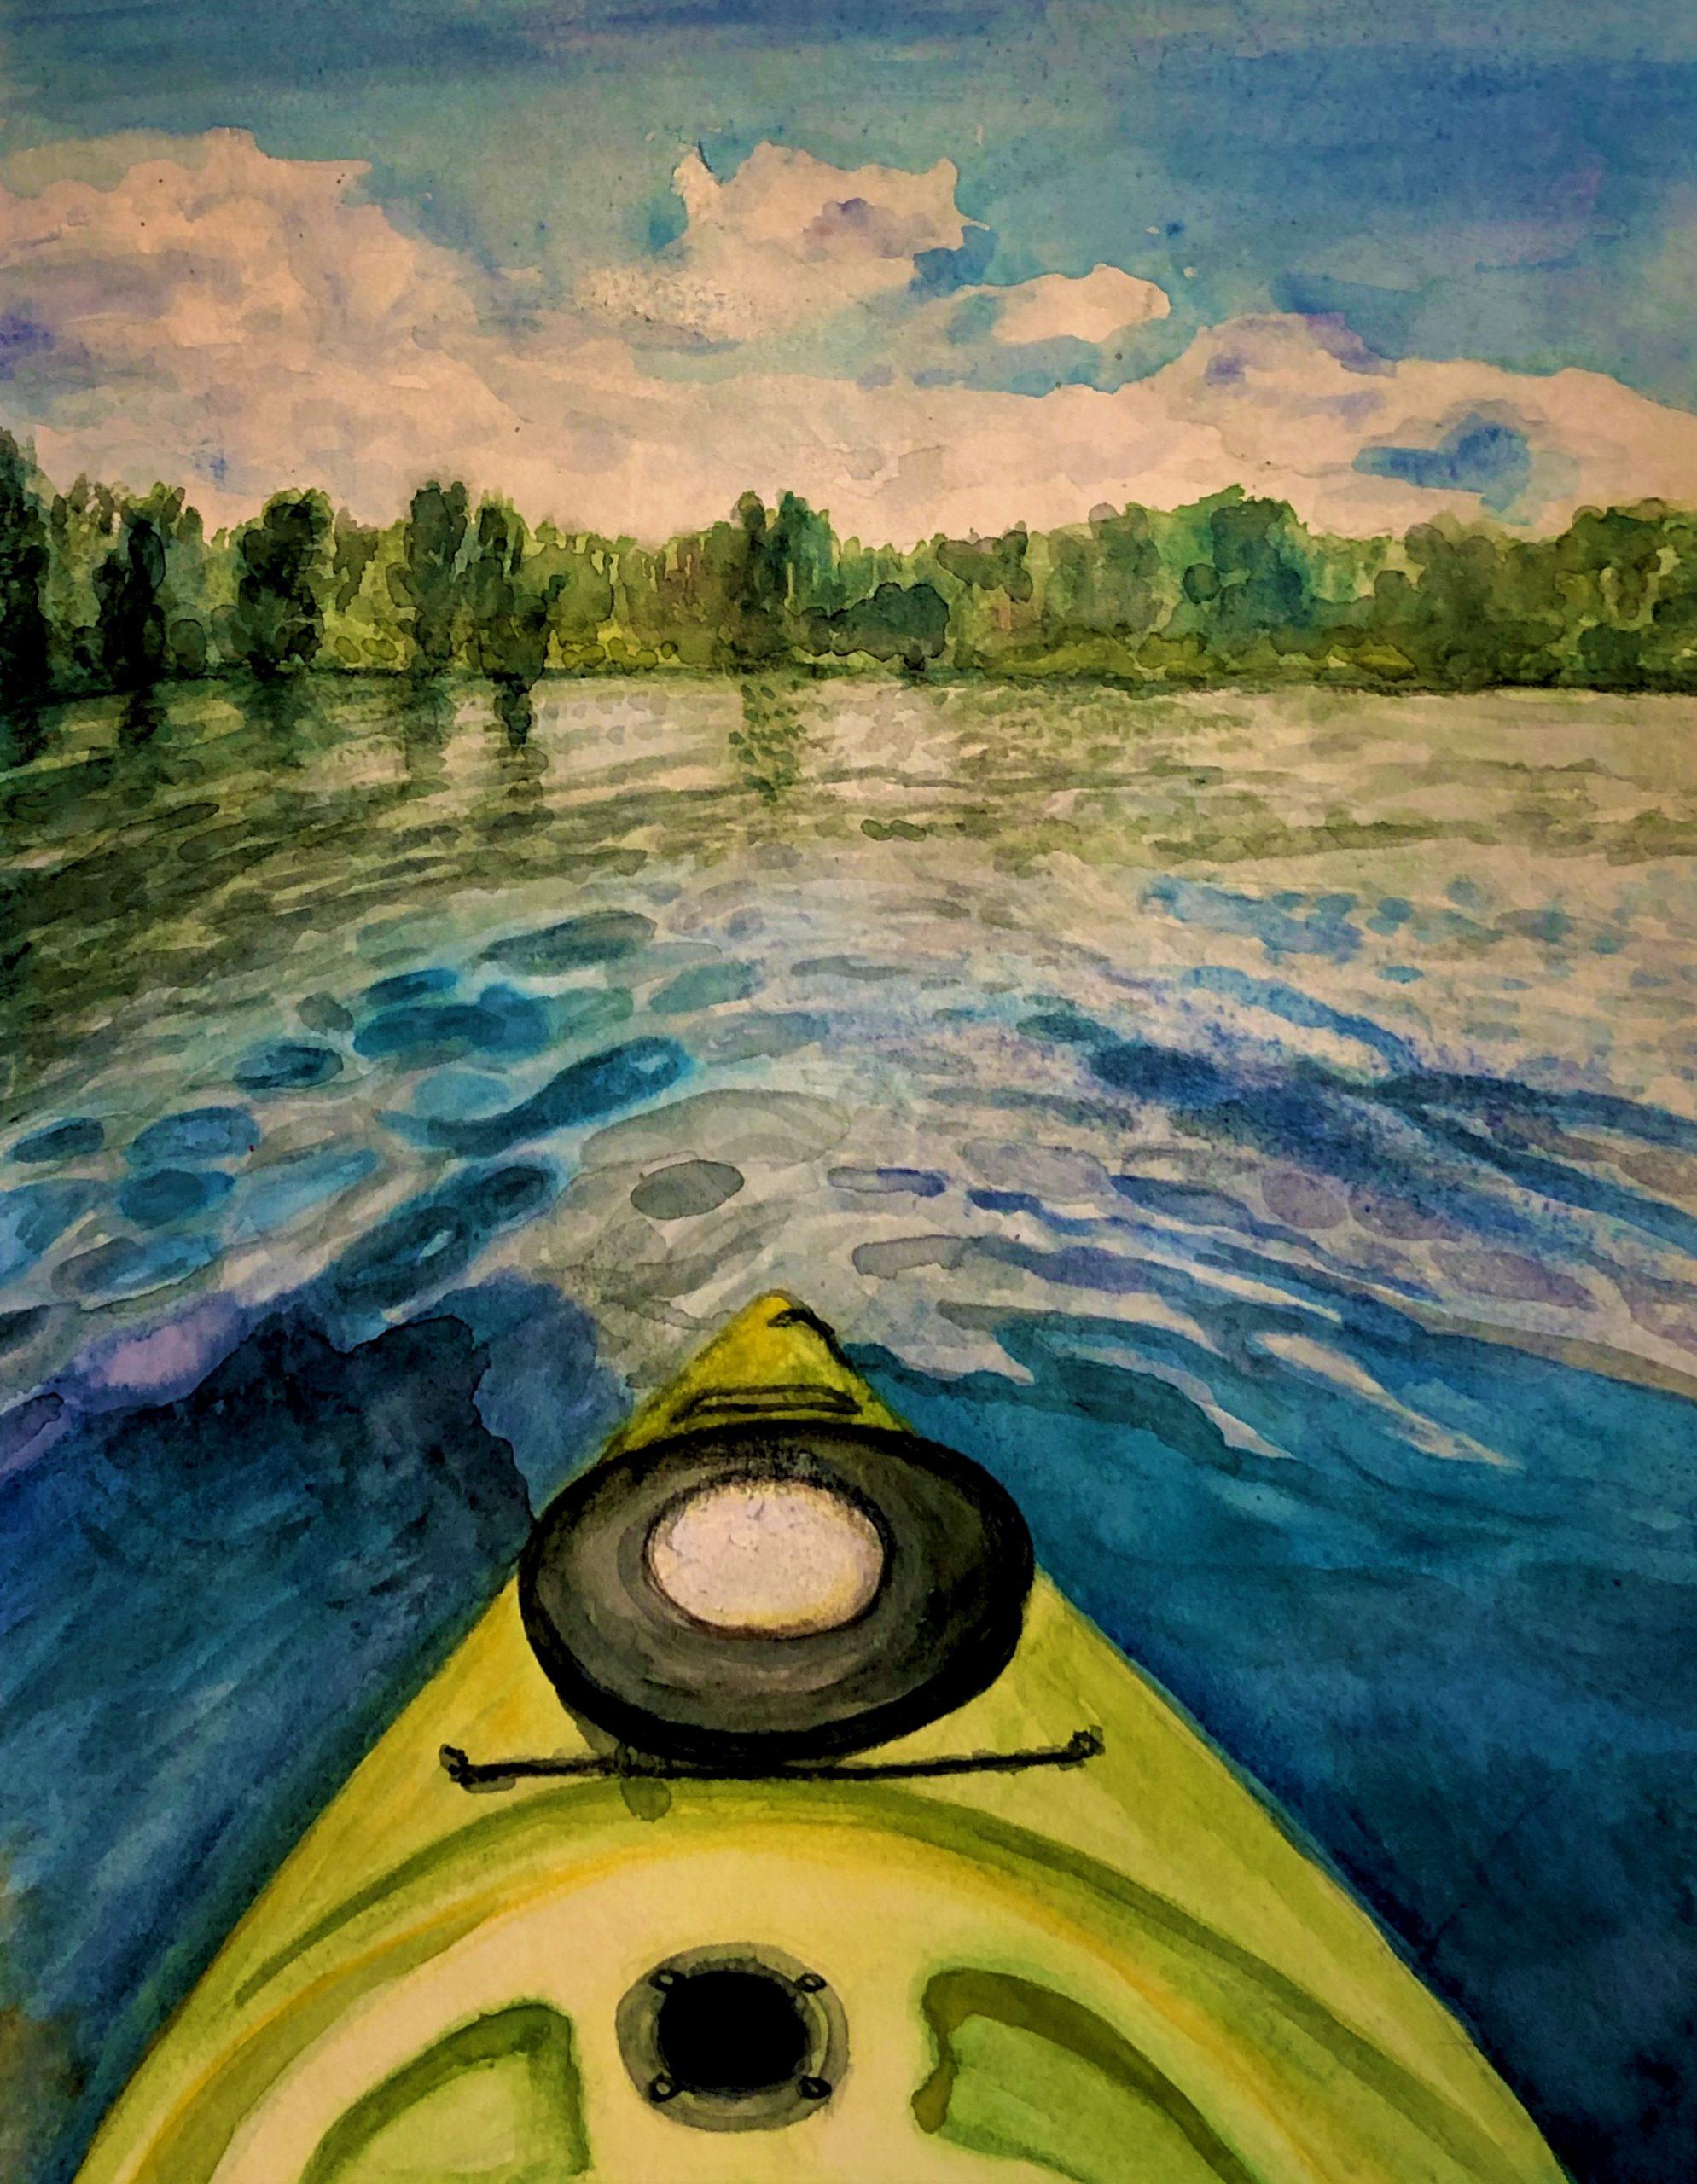 """""""Kayak Dreams""""<br> Watercolor<br> 9""""x11"""""""